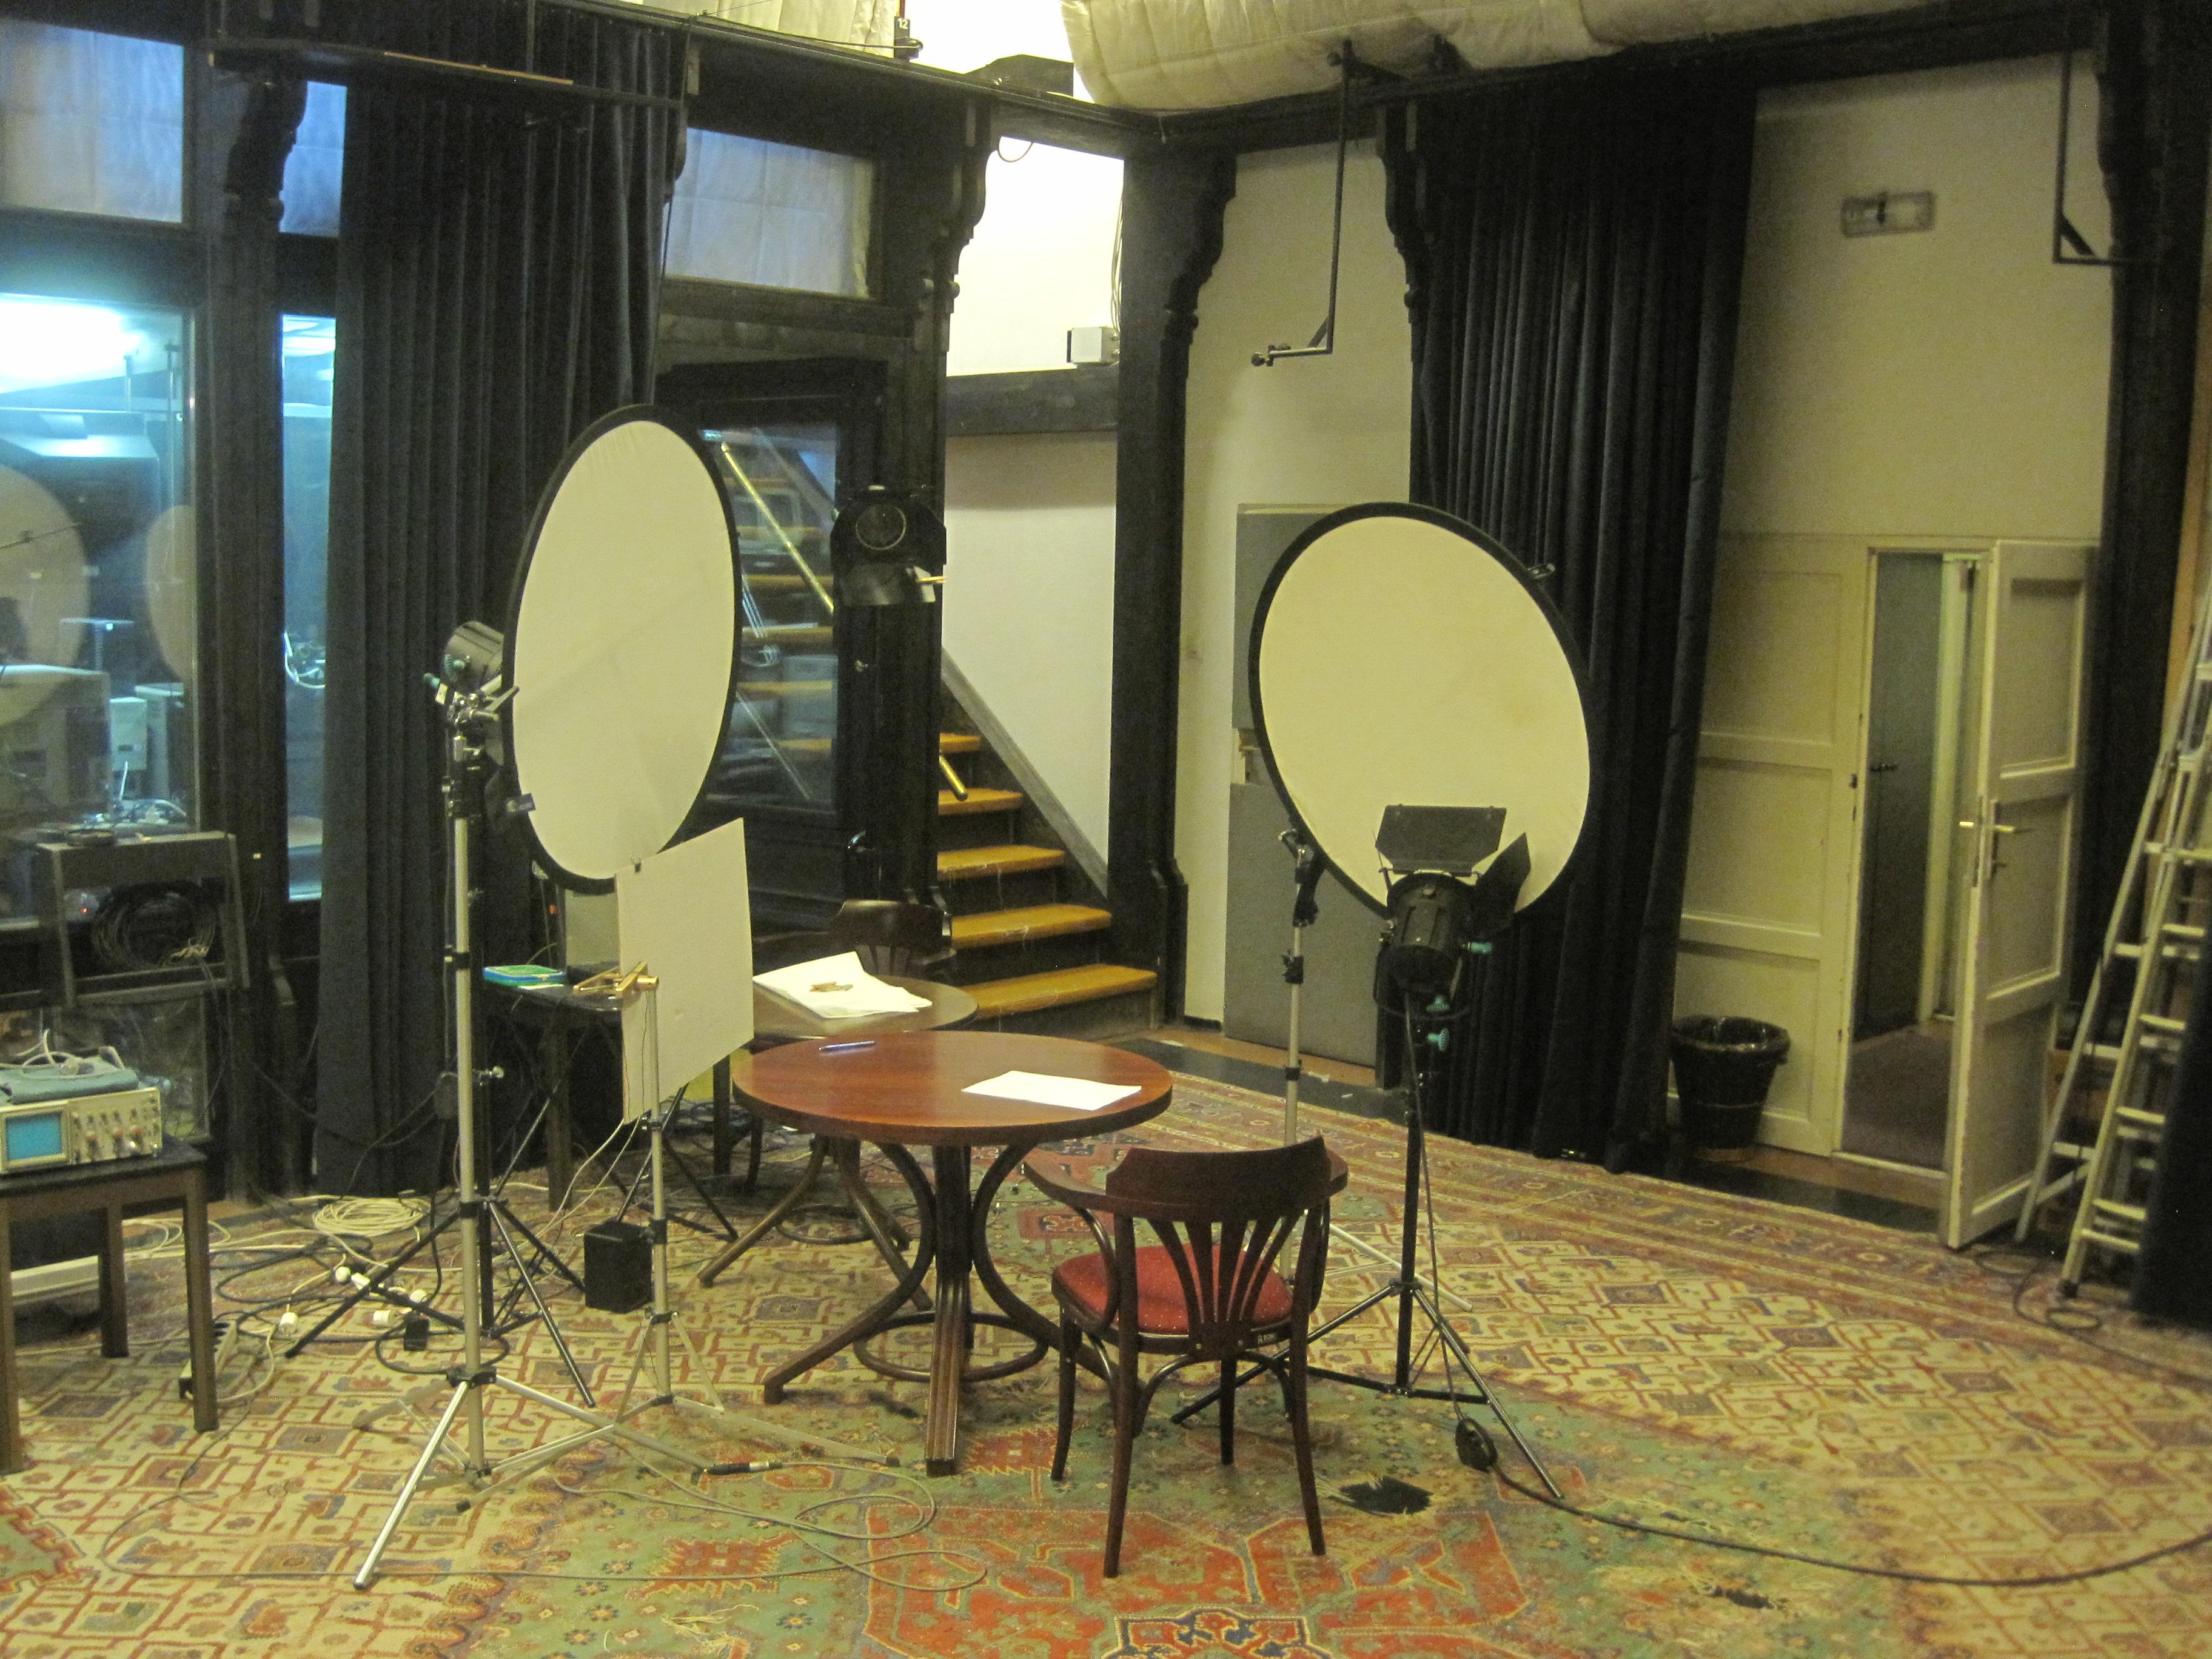 Studio Interior, 2017